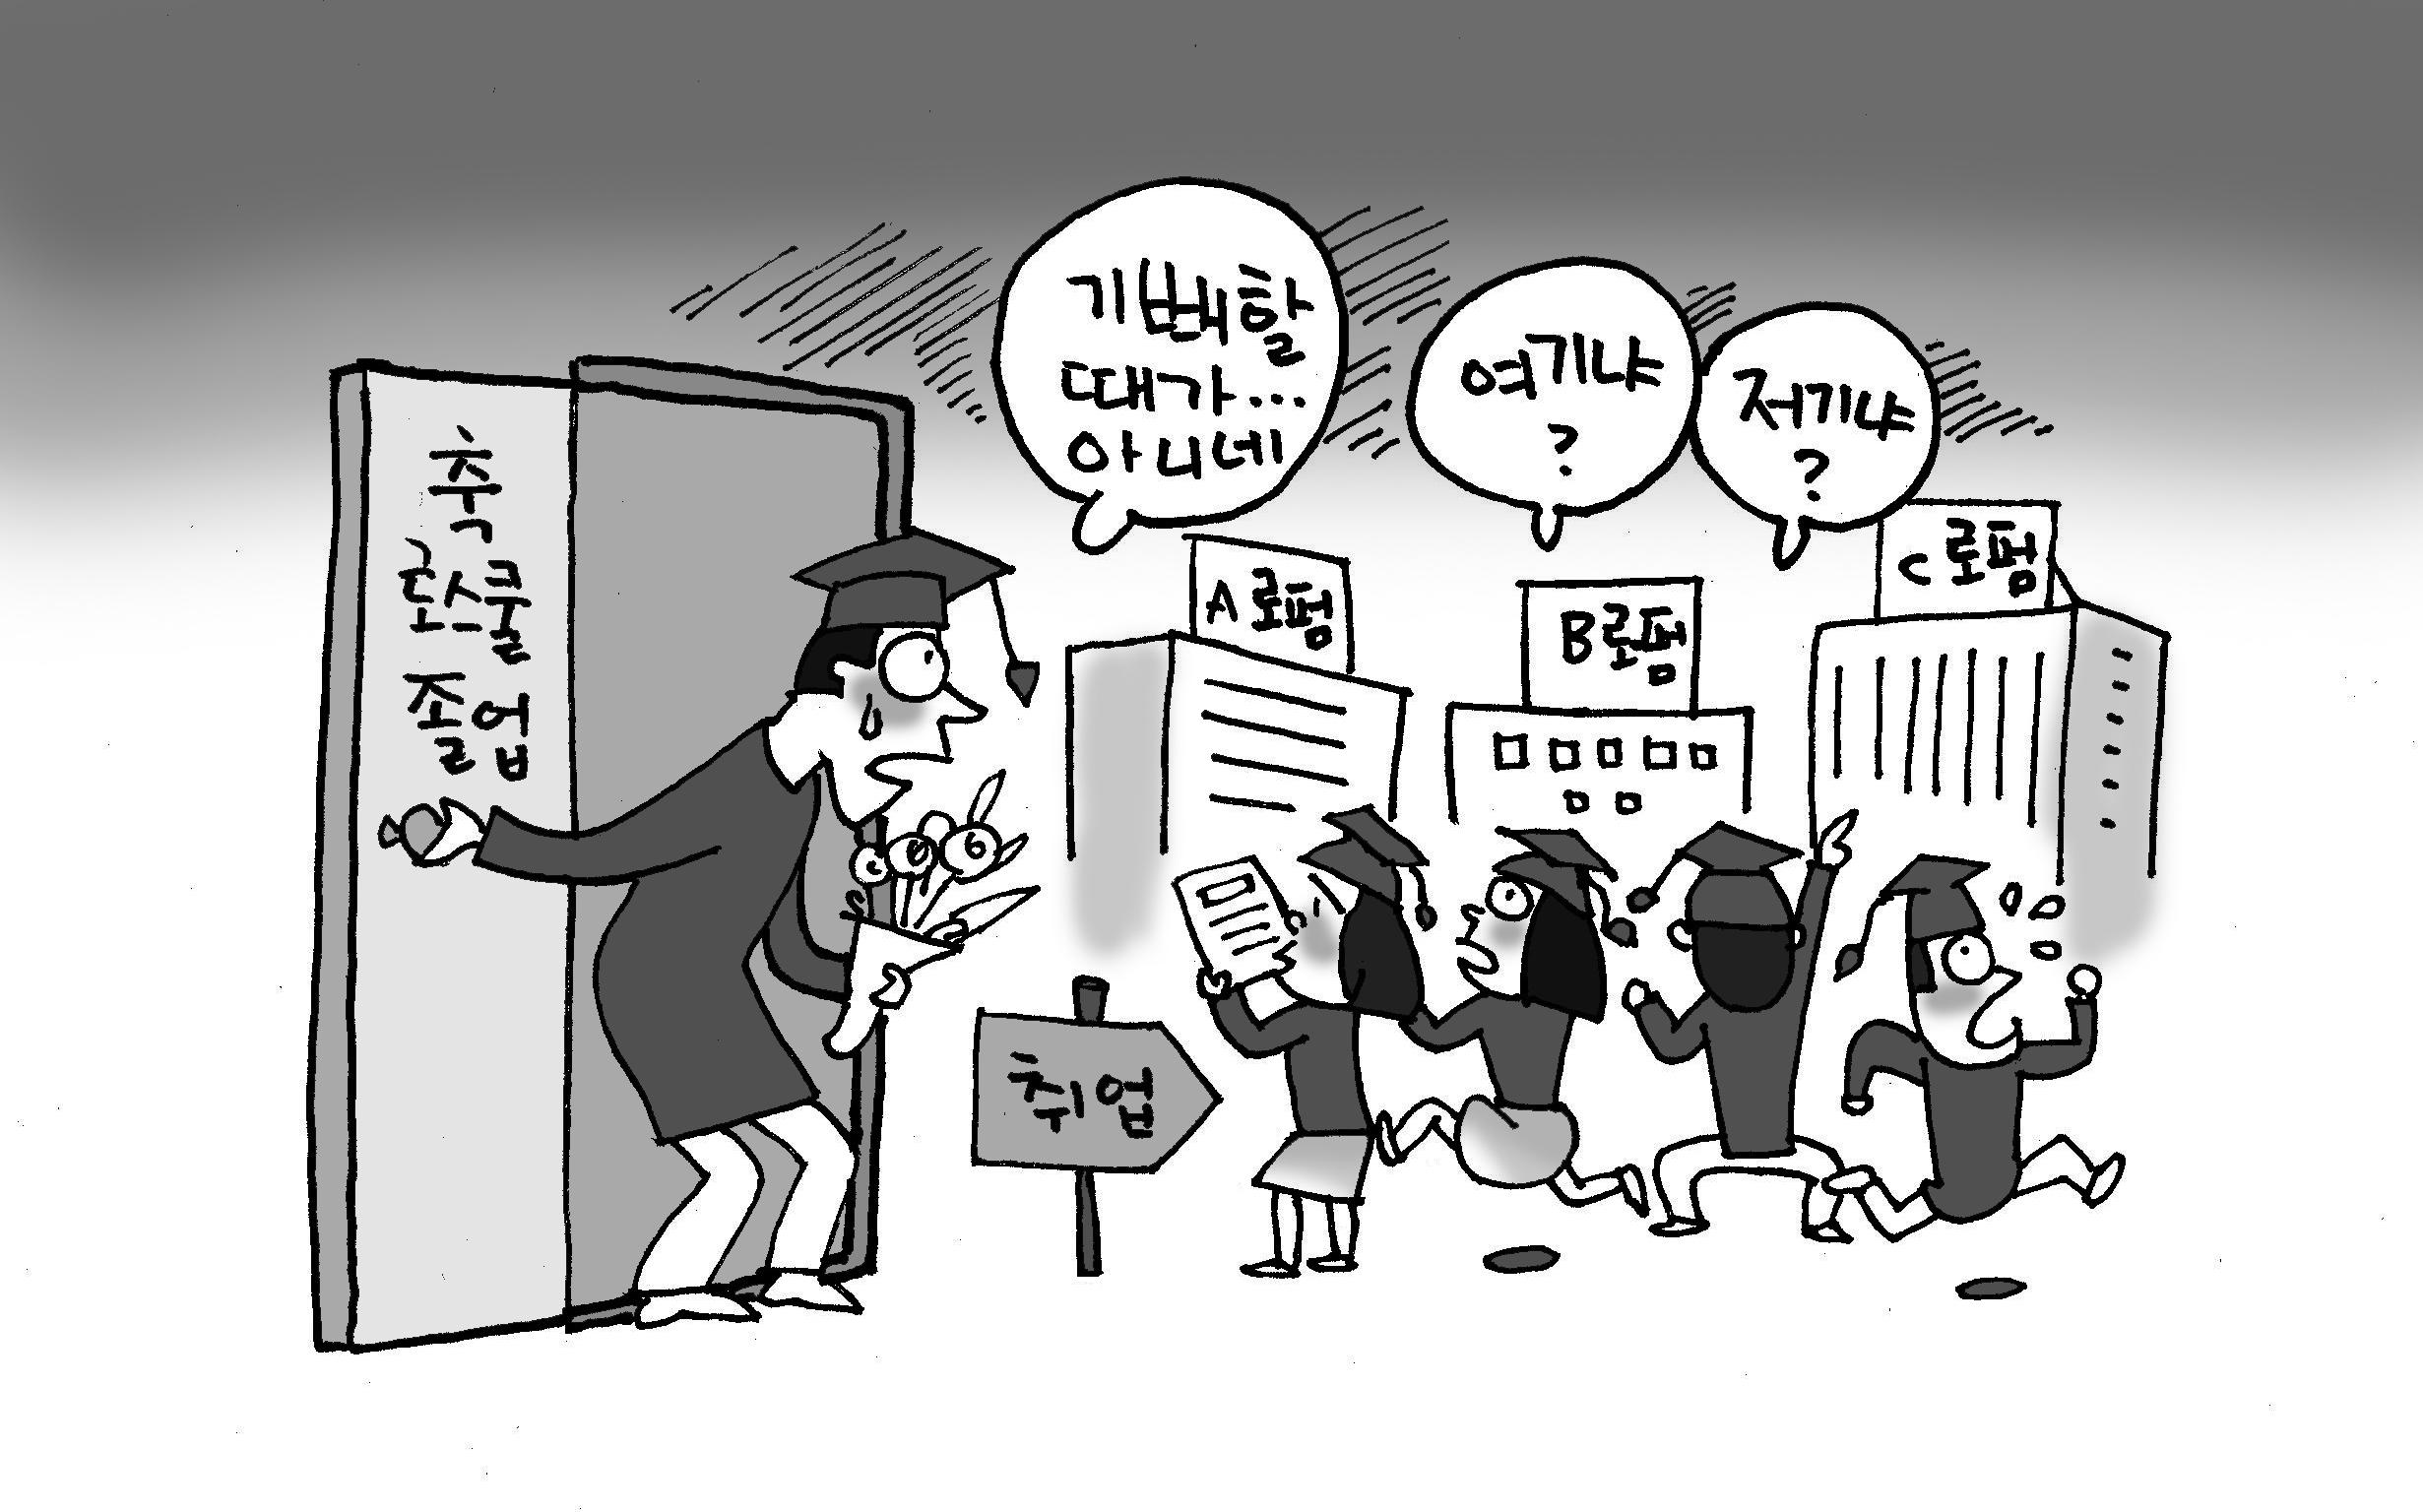 로스쿨 졸업 시즌… 졸업생들 '설렘' 보다 취업 '고민'